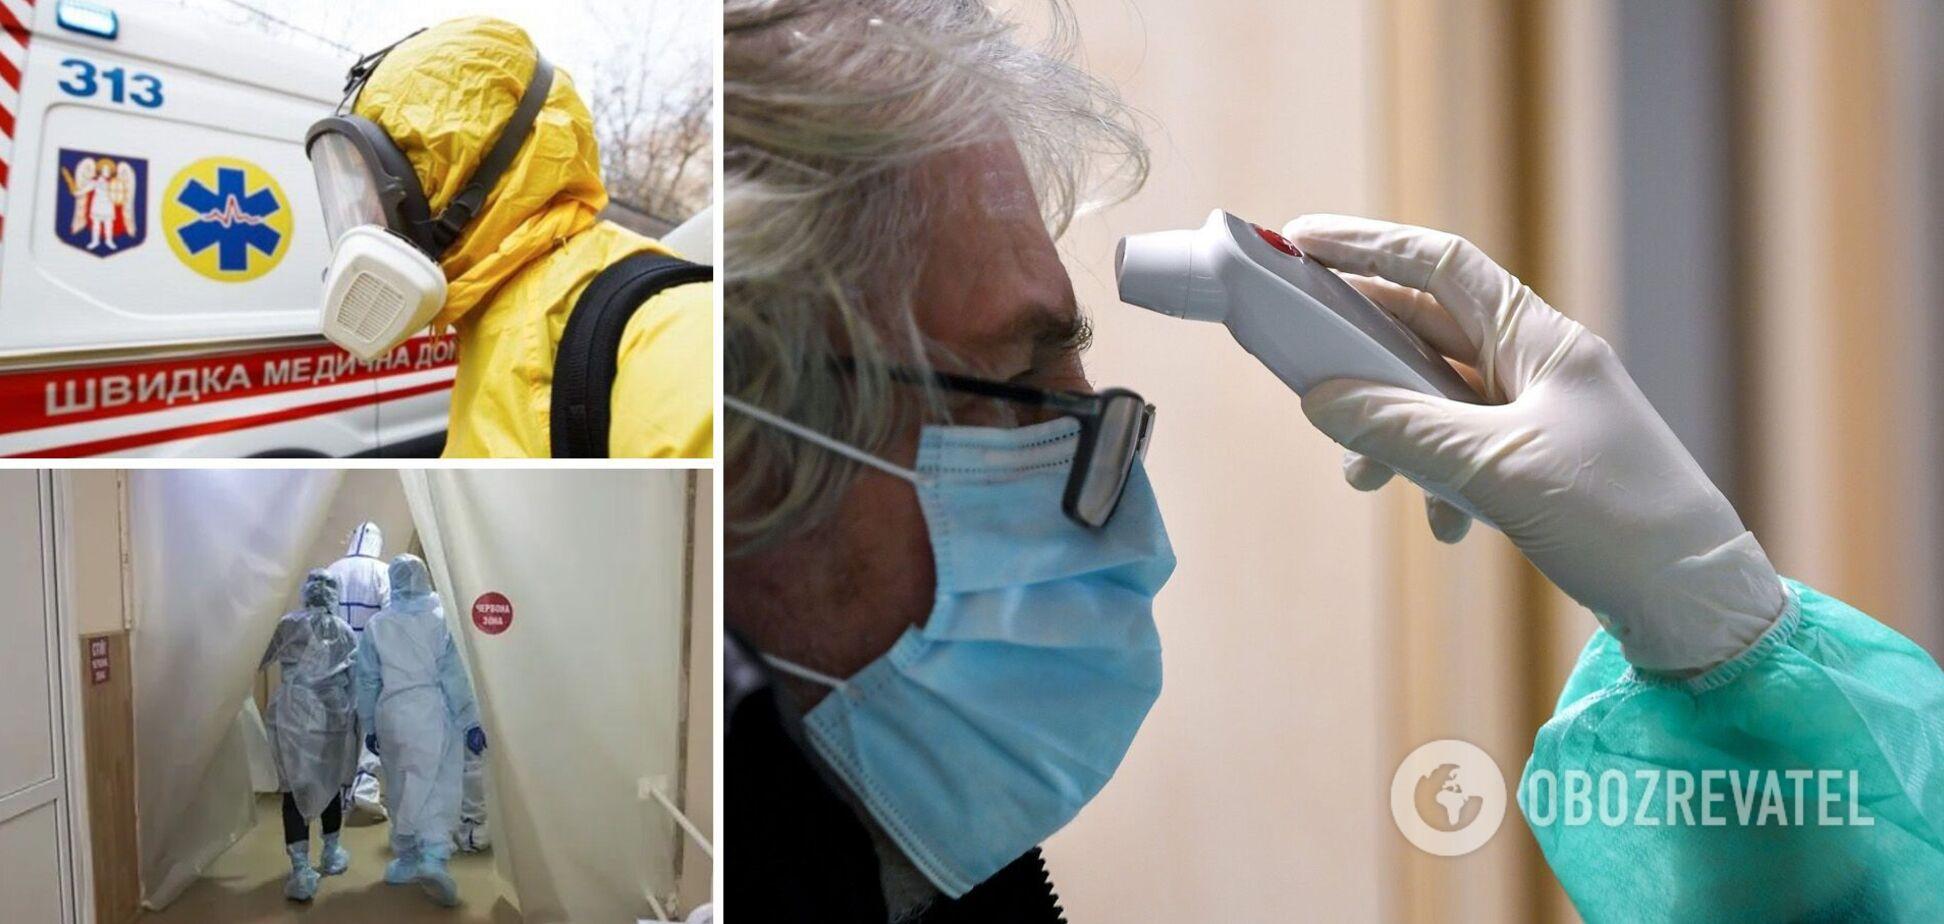 Новая красная зона? 'Фейковый' коронавирус бьет рекорды на Винниччине, пациенты боятся и плачут